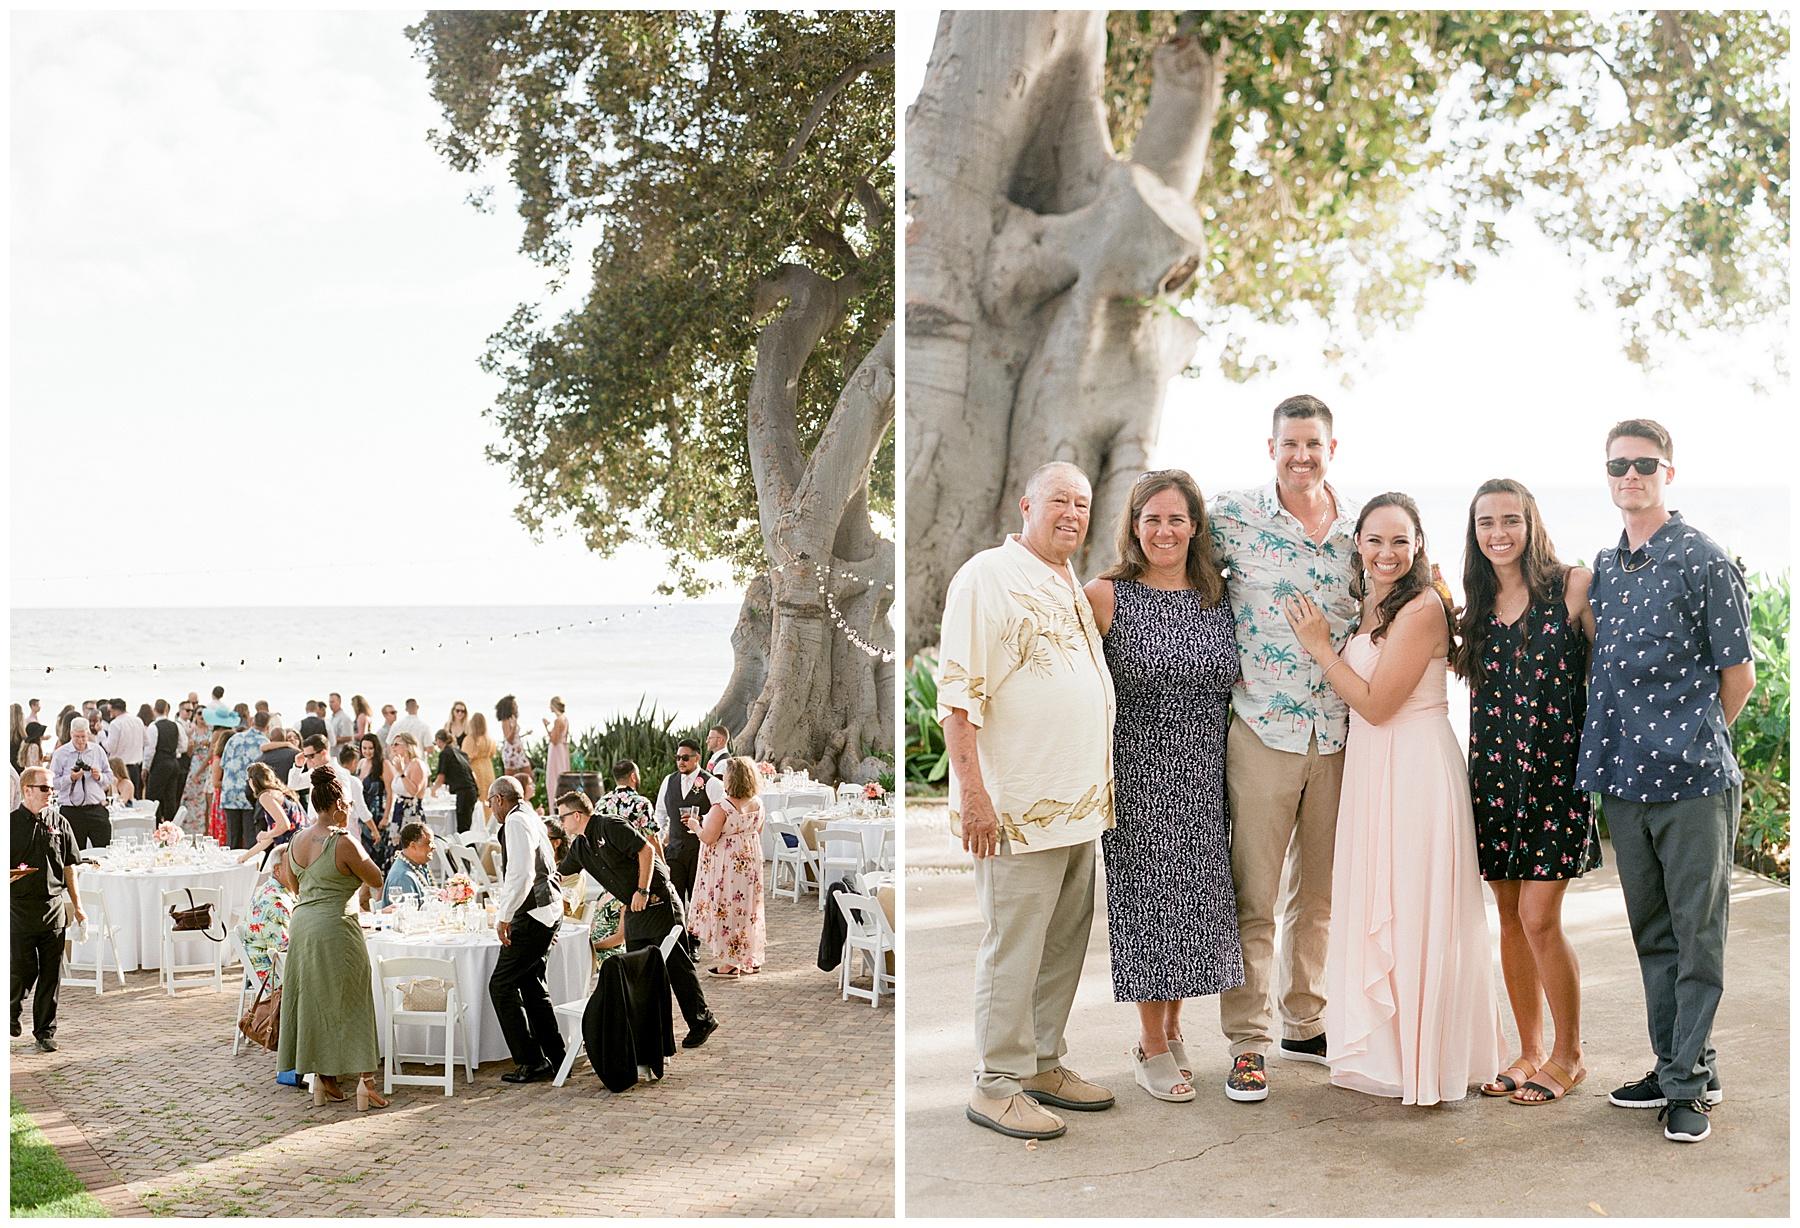 Olowalu-plantation-house-maui-hawaii-wedding-182.jpg